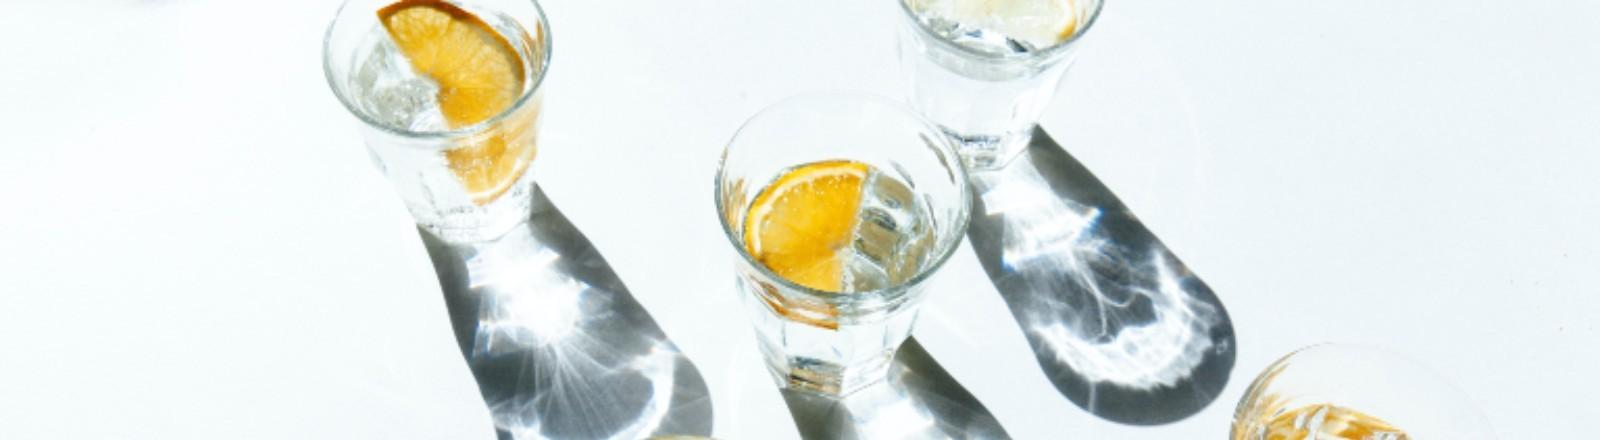 Ein paar Gläser mit kaltem Wasser werfen Schatten